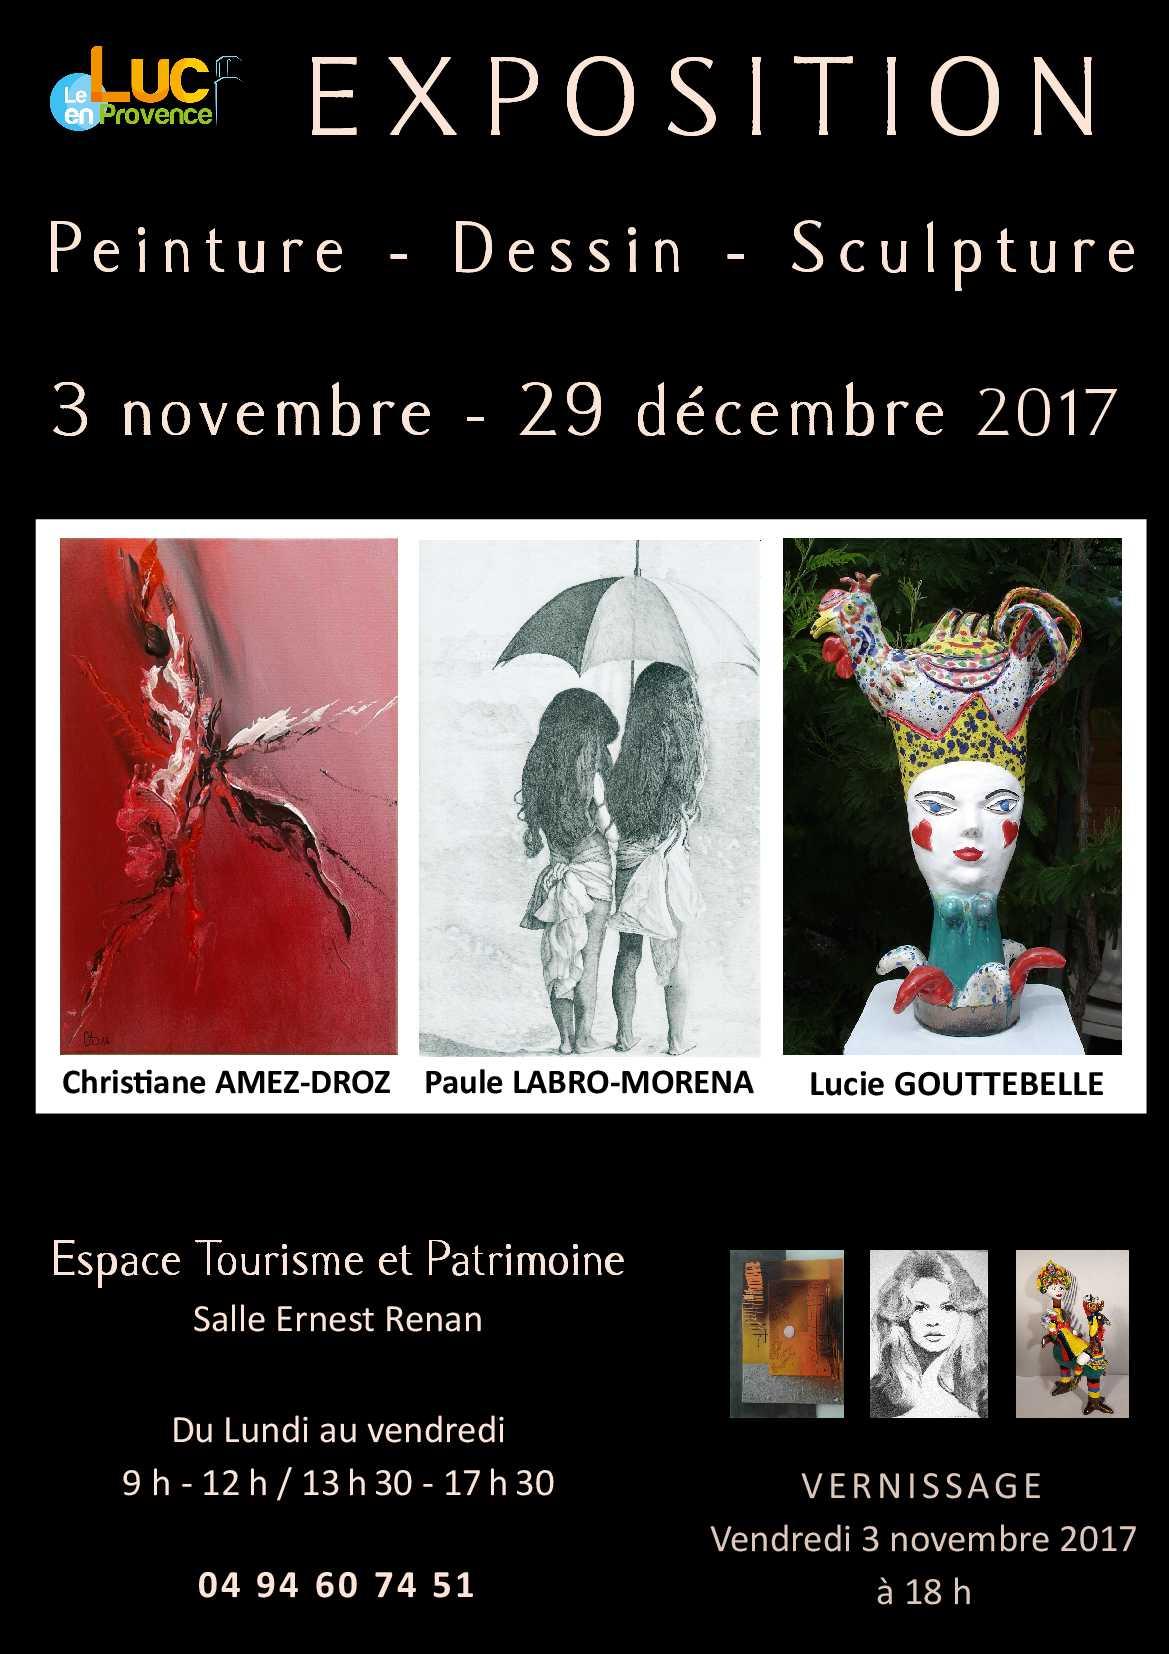 Du 3 novembre au 29 décembre, Exposition «Peinture-Dessin-Sculpture»